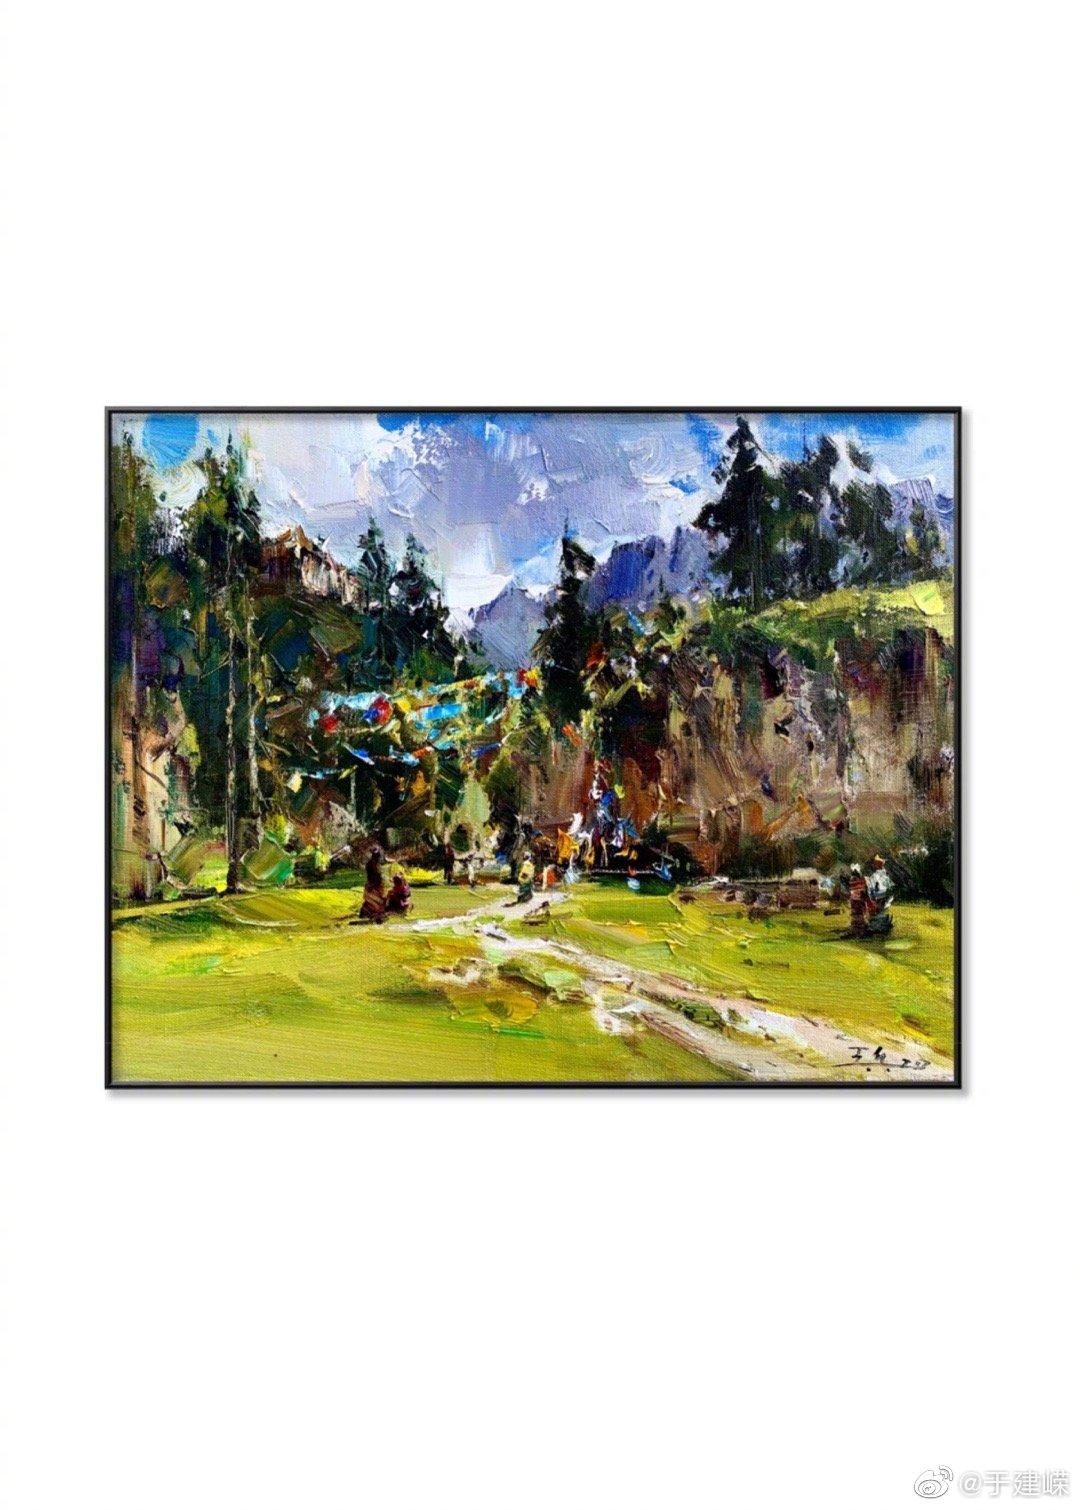 王兵甘南写生作品作品——《和风》 画出了甘南藏区风情。